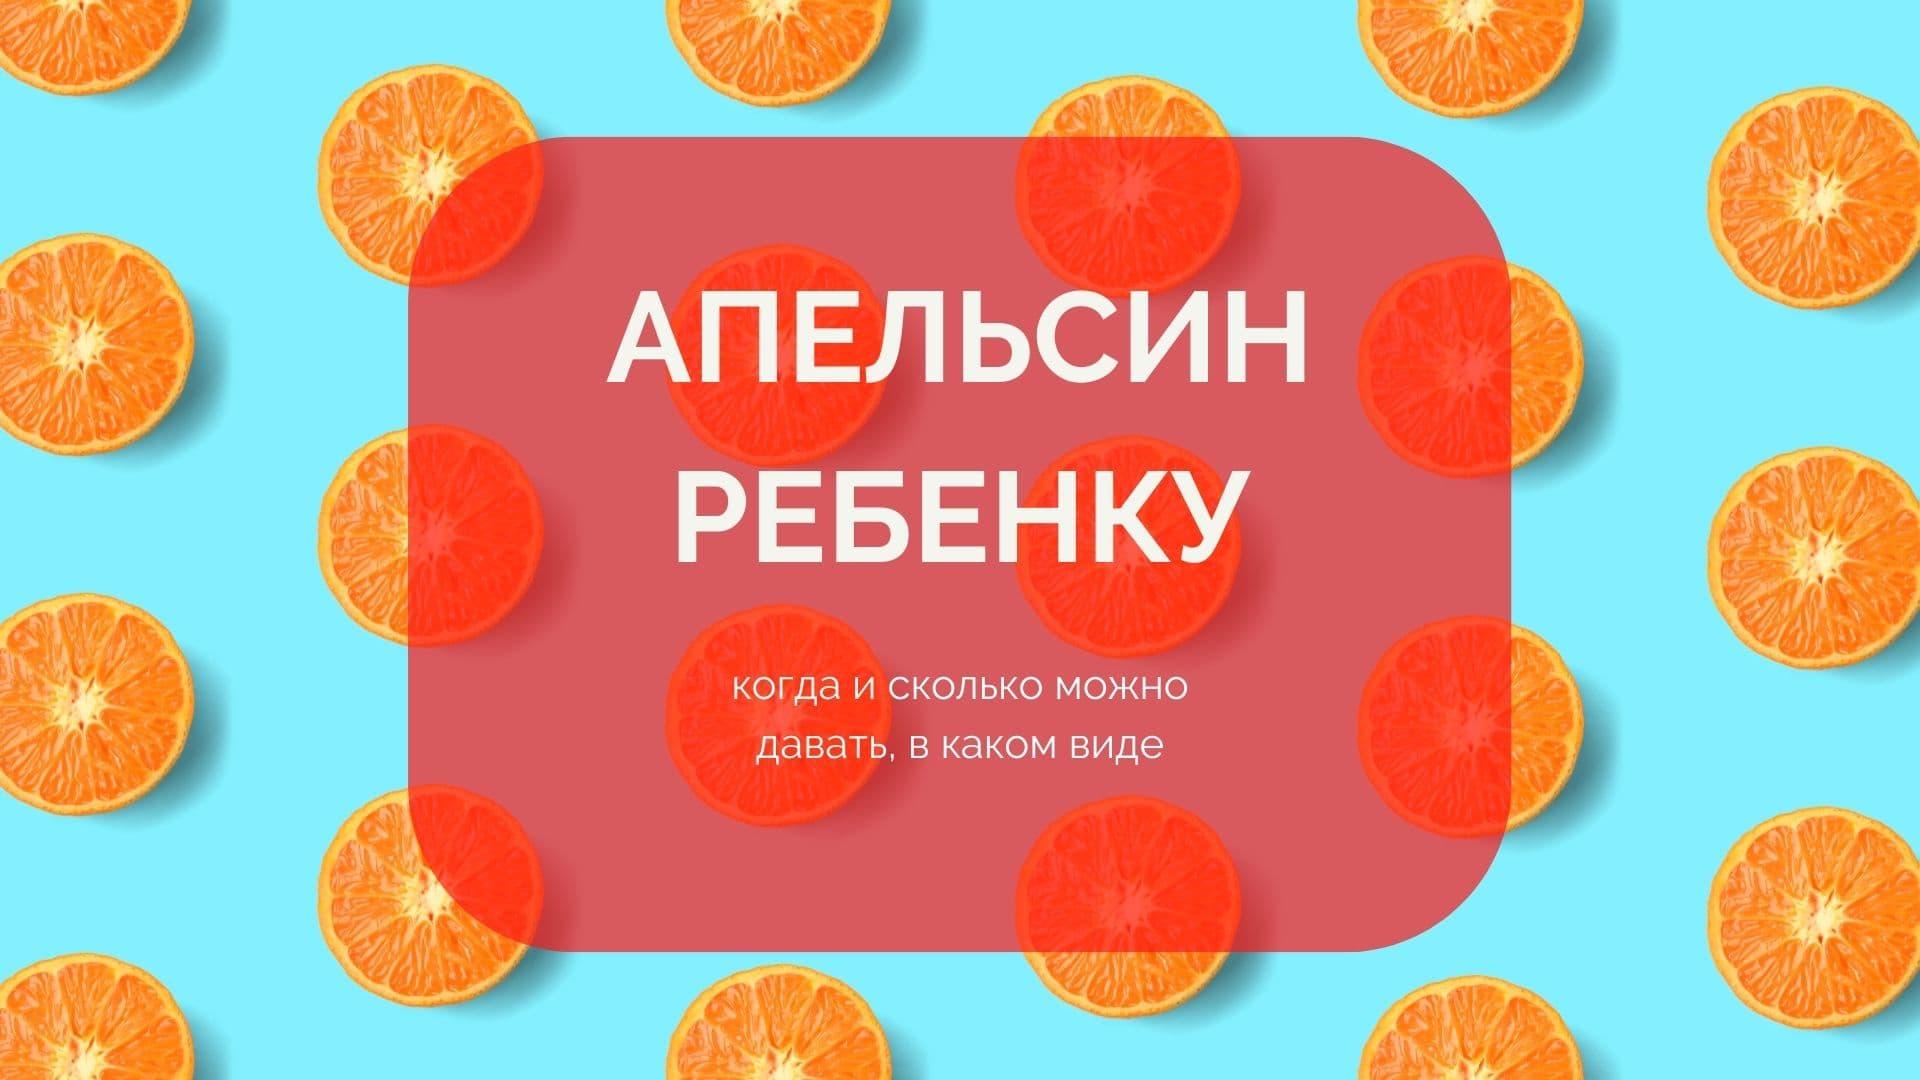 Апельсин ребенку: когда и сколько можно давать, в каком виде